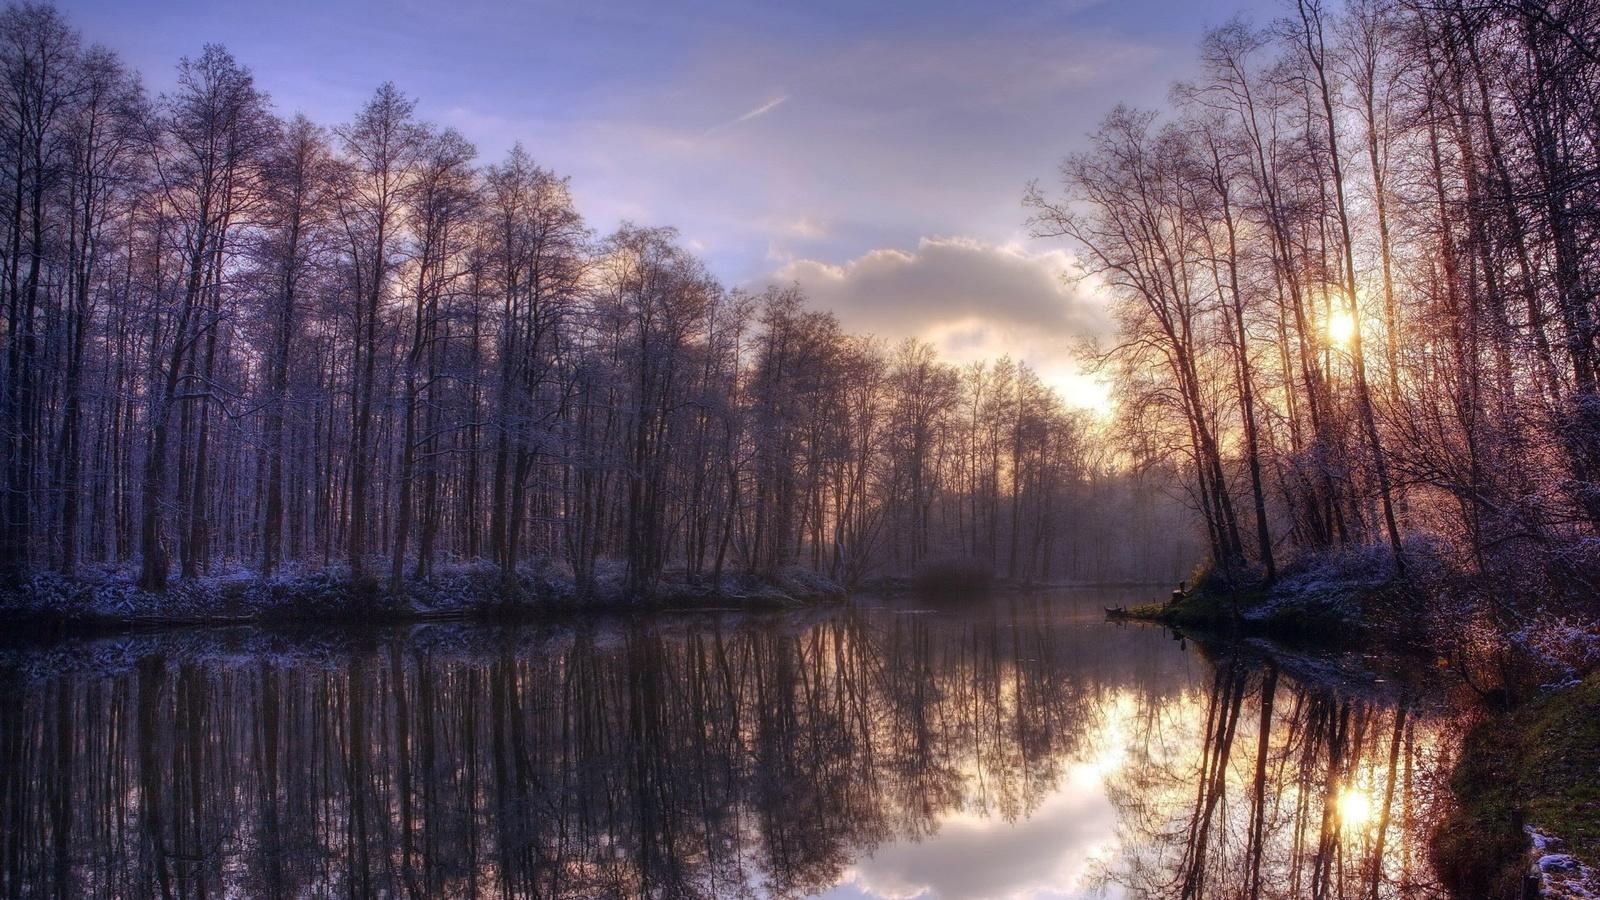 небо, облака, лес, река, отражения, осенний день, природа